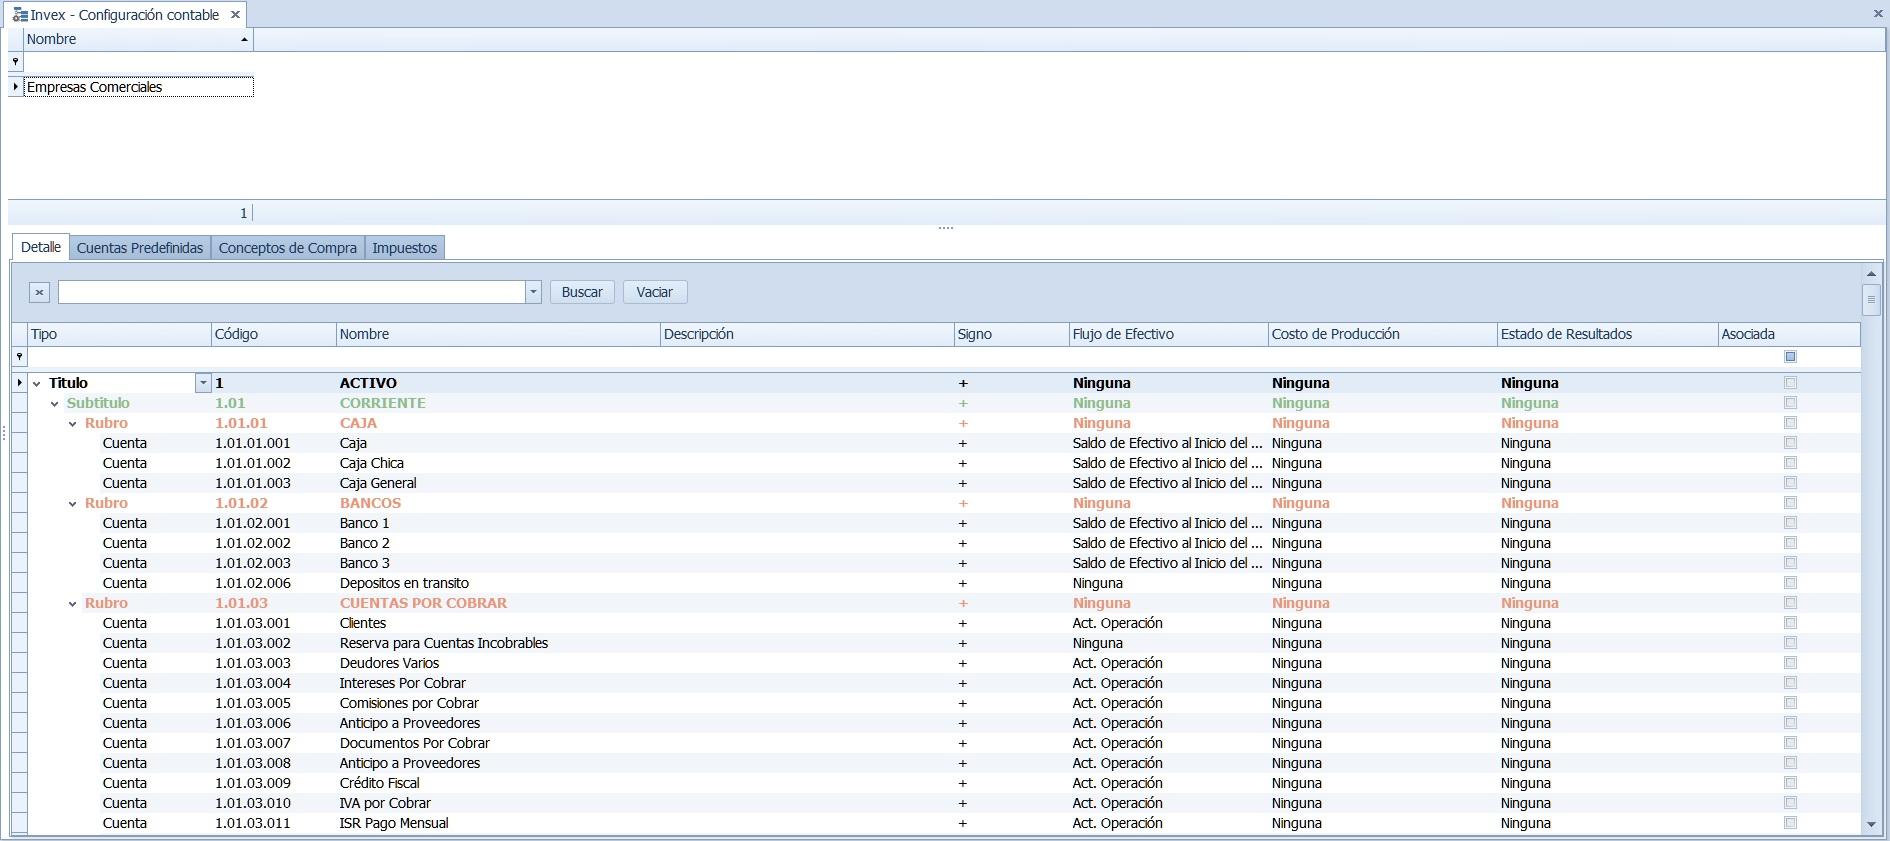 Ventana Configuración Contable en Invex ERP - Sisnova S.A.